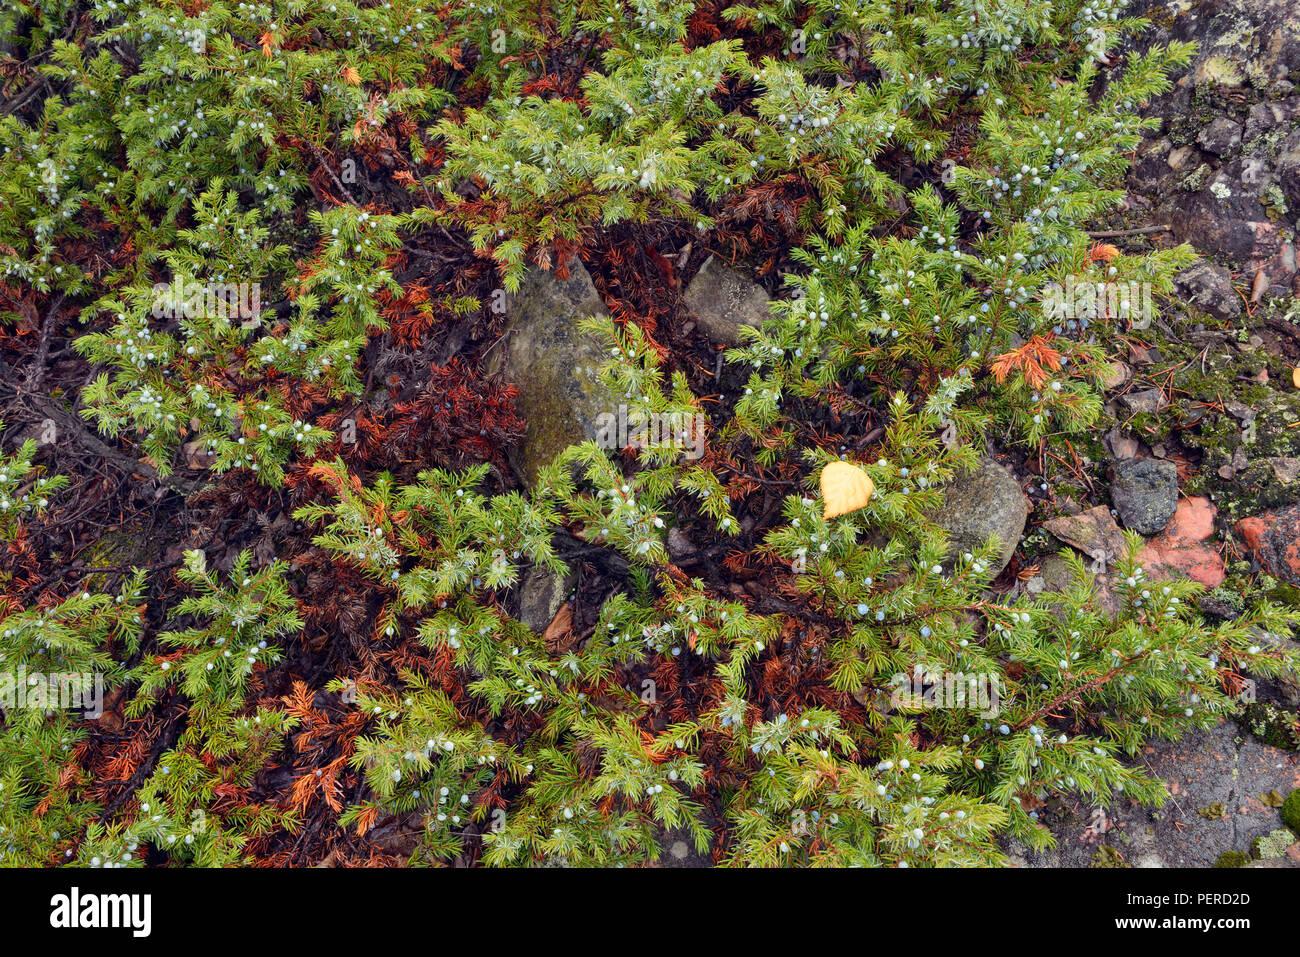 Juniper bush and berries, Yellowknife, Northwest Territories, Canada - Stock Image